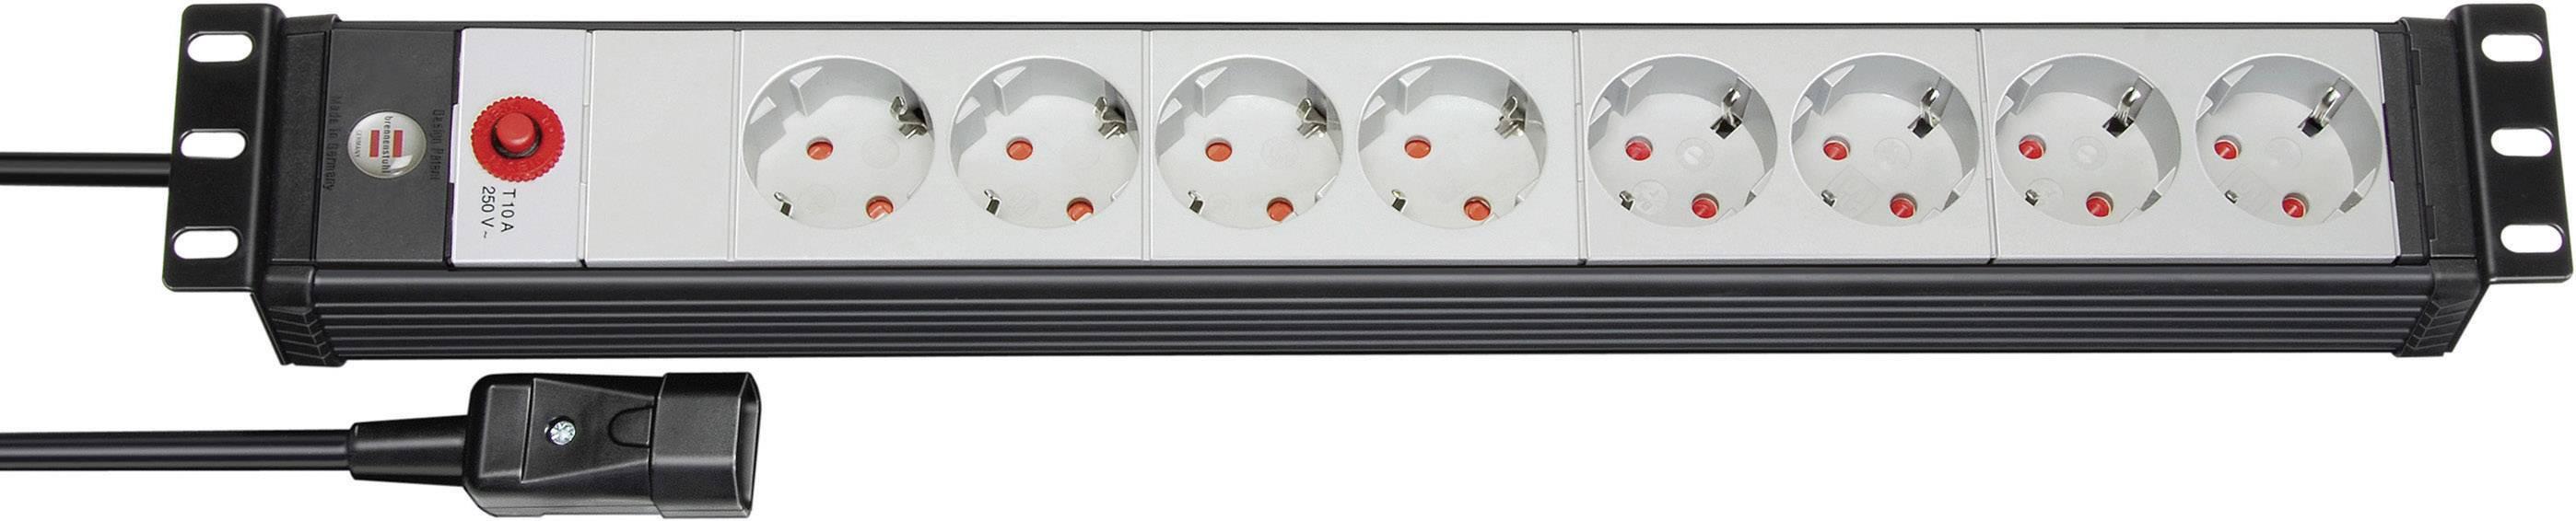 Zásuvková lišta Brennenstuhl Premium-Line, 1156057118, 8 zásuviek, čierna/šedá